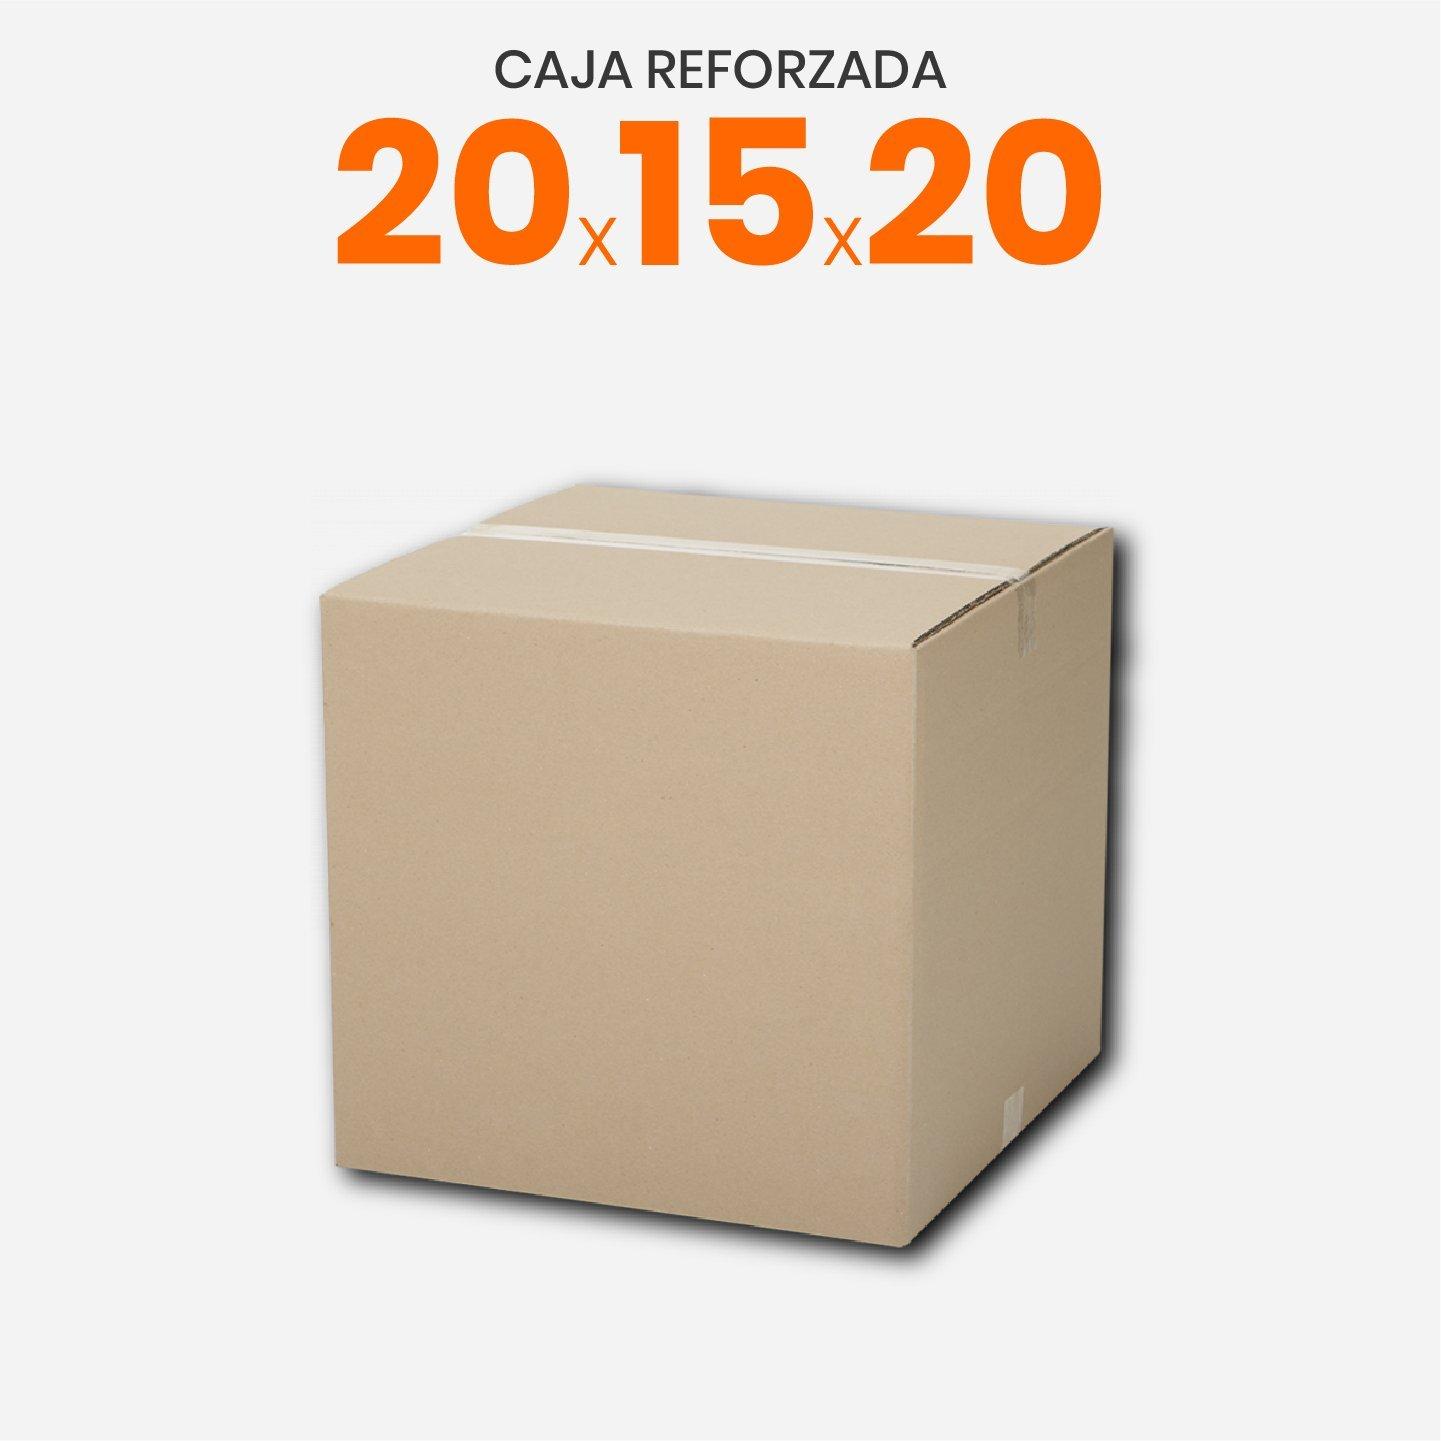 Caja De Cartón Corrugado Reforzada 20x15x20